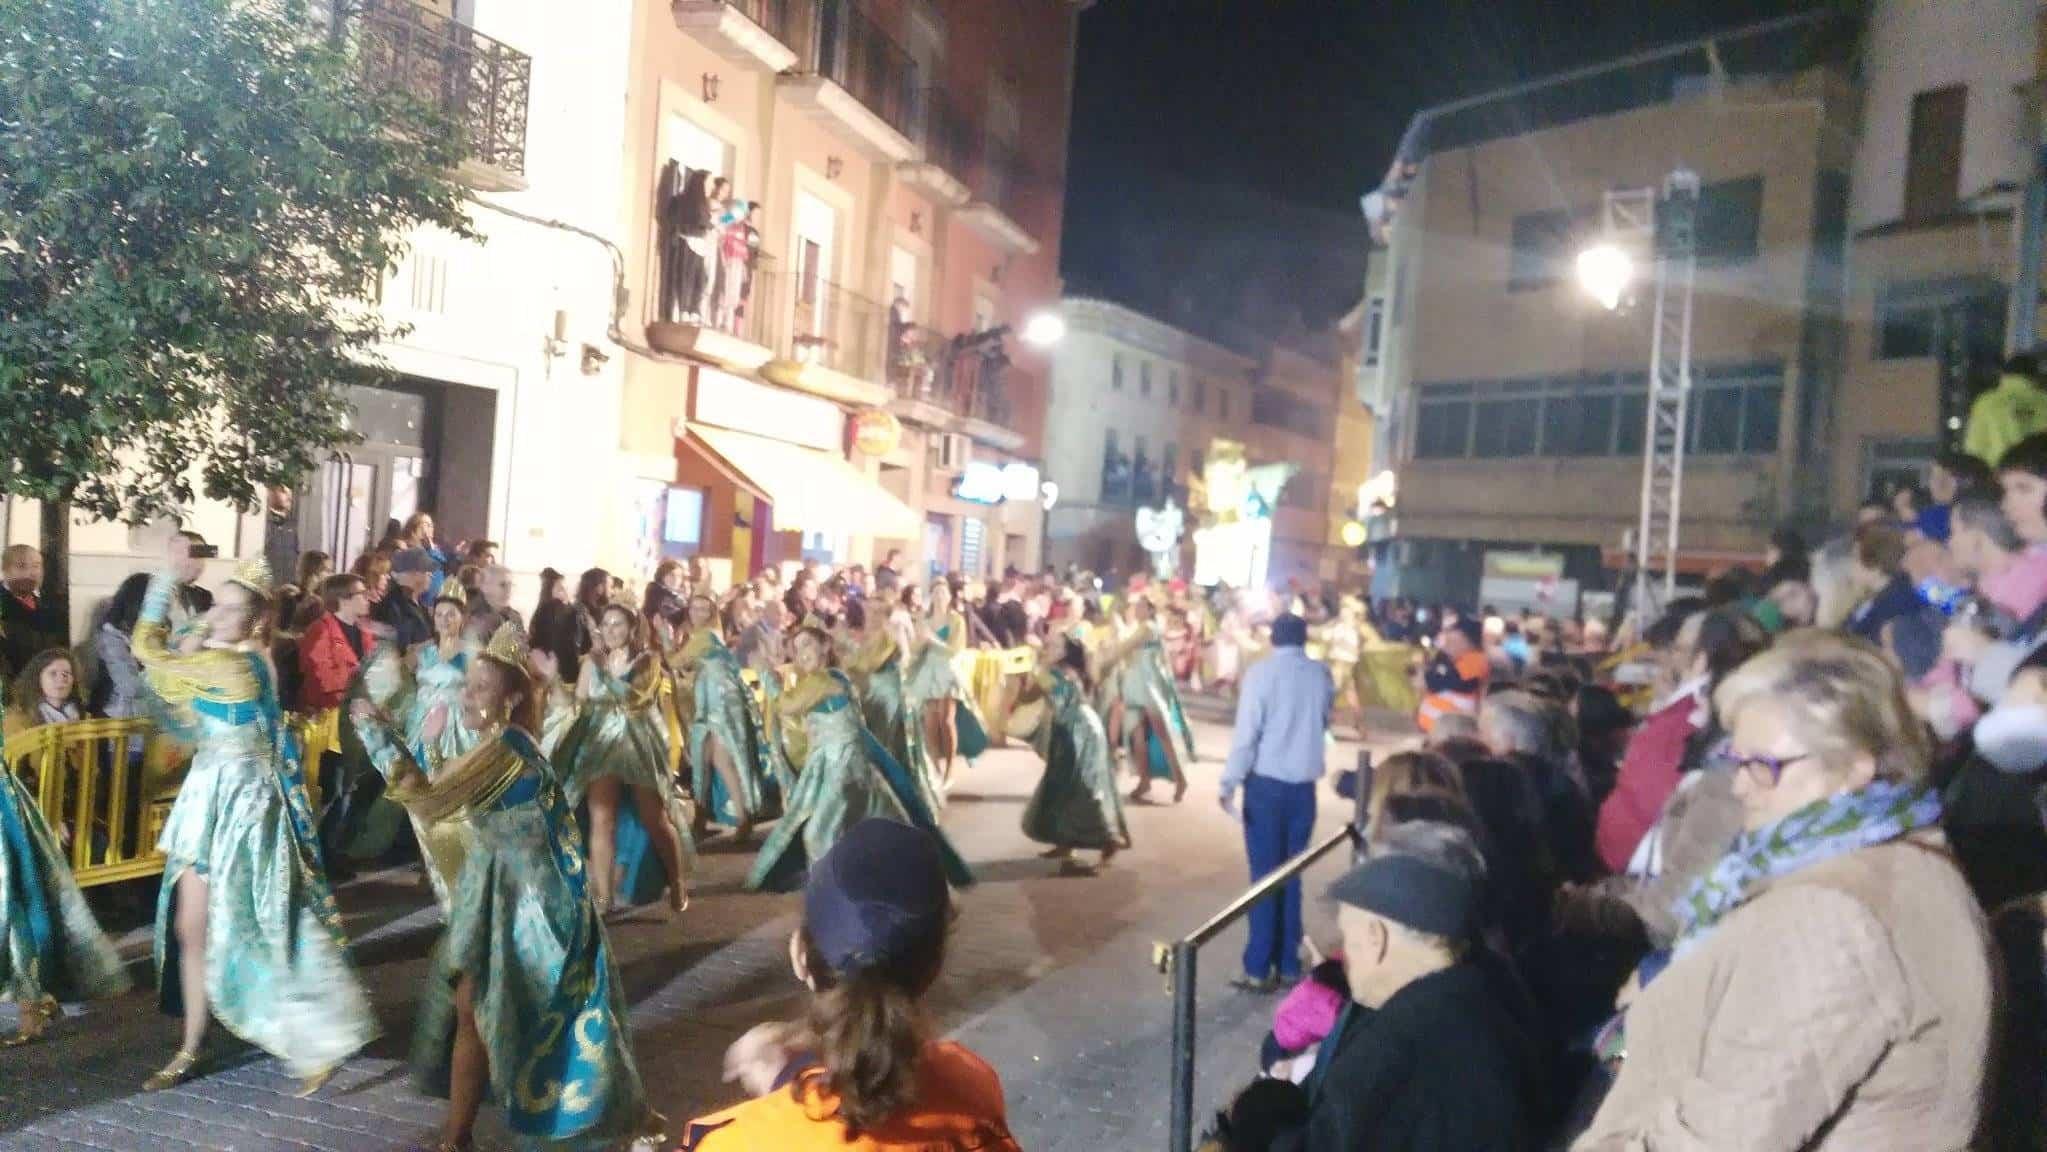 ofertorio carnaval 2019 herencia - Más de 40 grupos, 3500 personas y 26 ciudades participan en el Ofertorio 2019